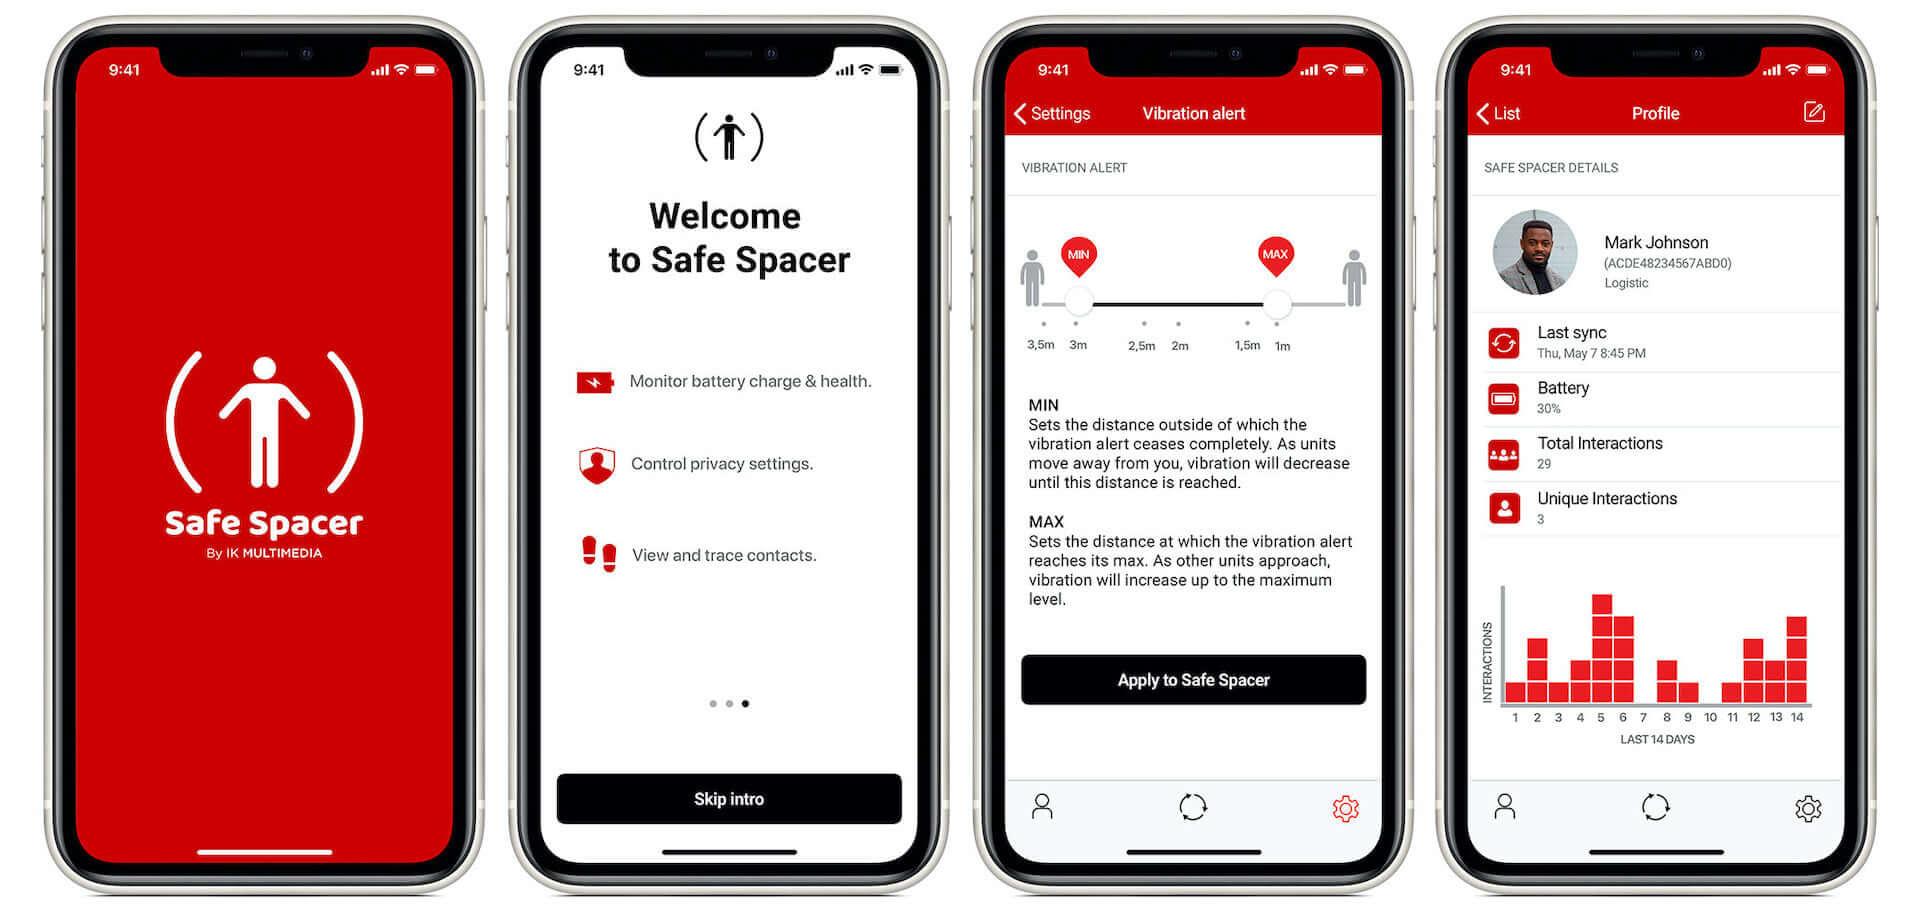 ソーシャル・ディスタンスを維持できるウェアラブル・デバイス『Safe Spacer(TM)』が発表! tech200521_wearablemonitor_05-1920x914